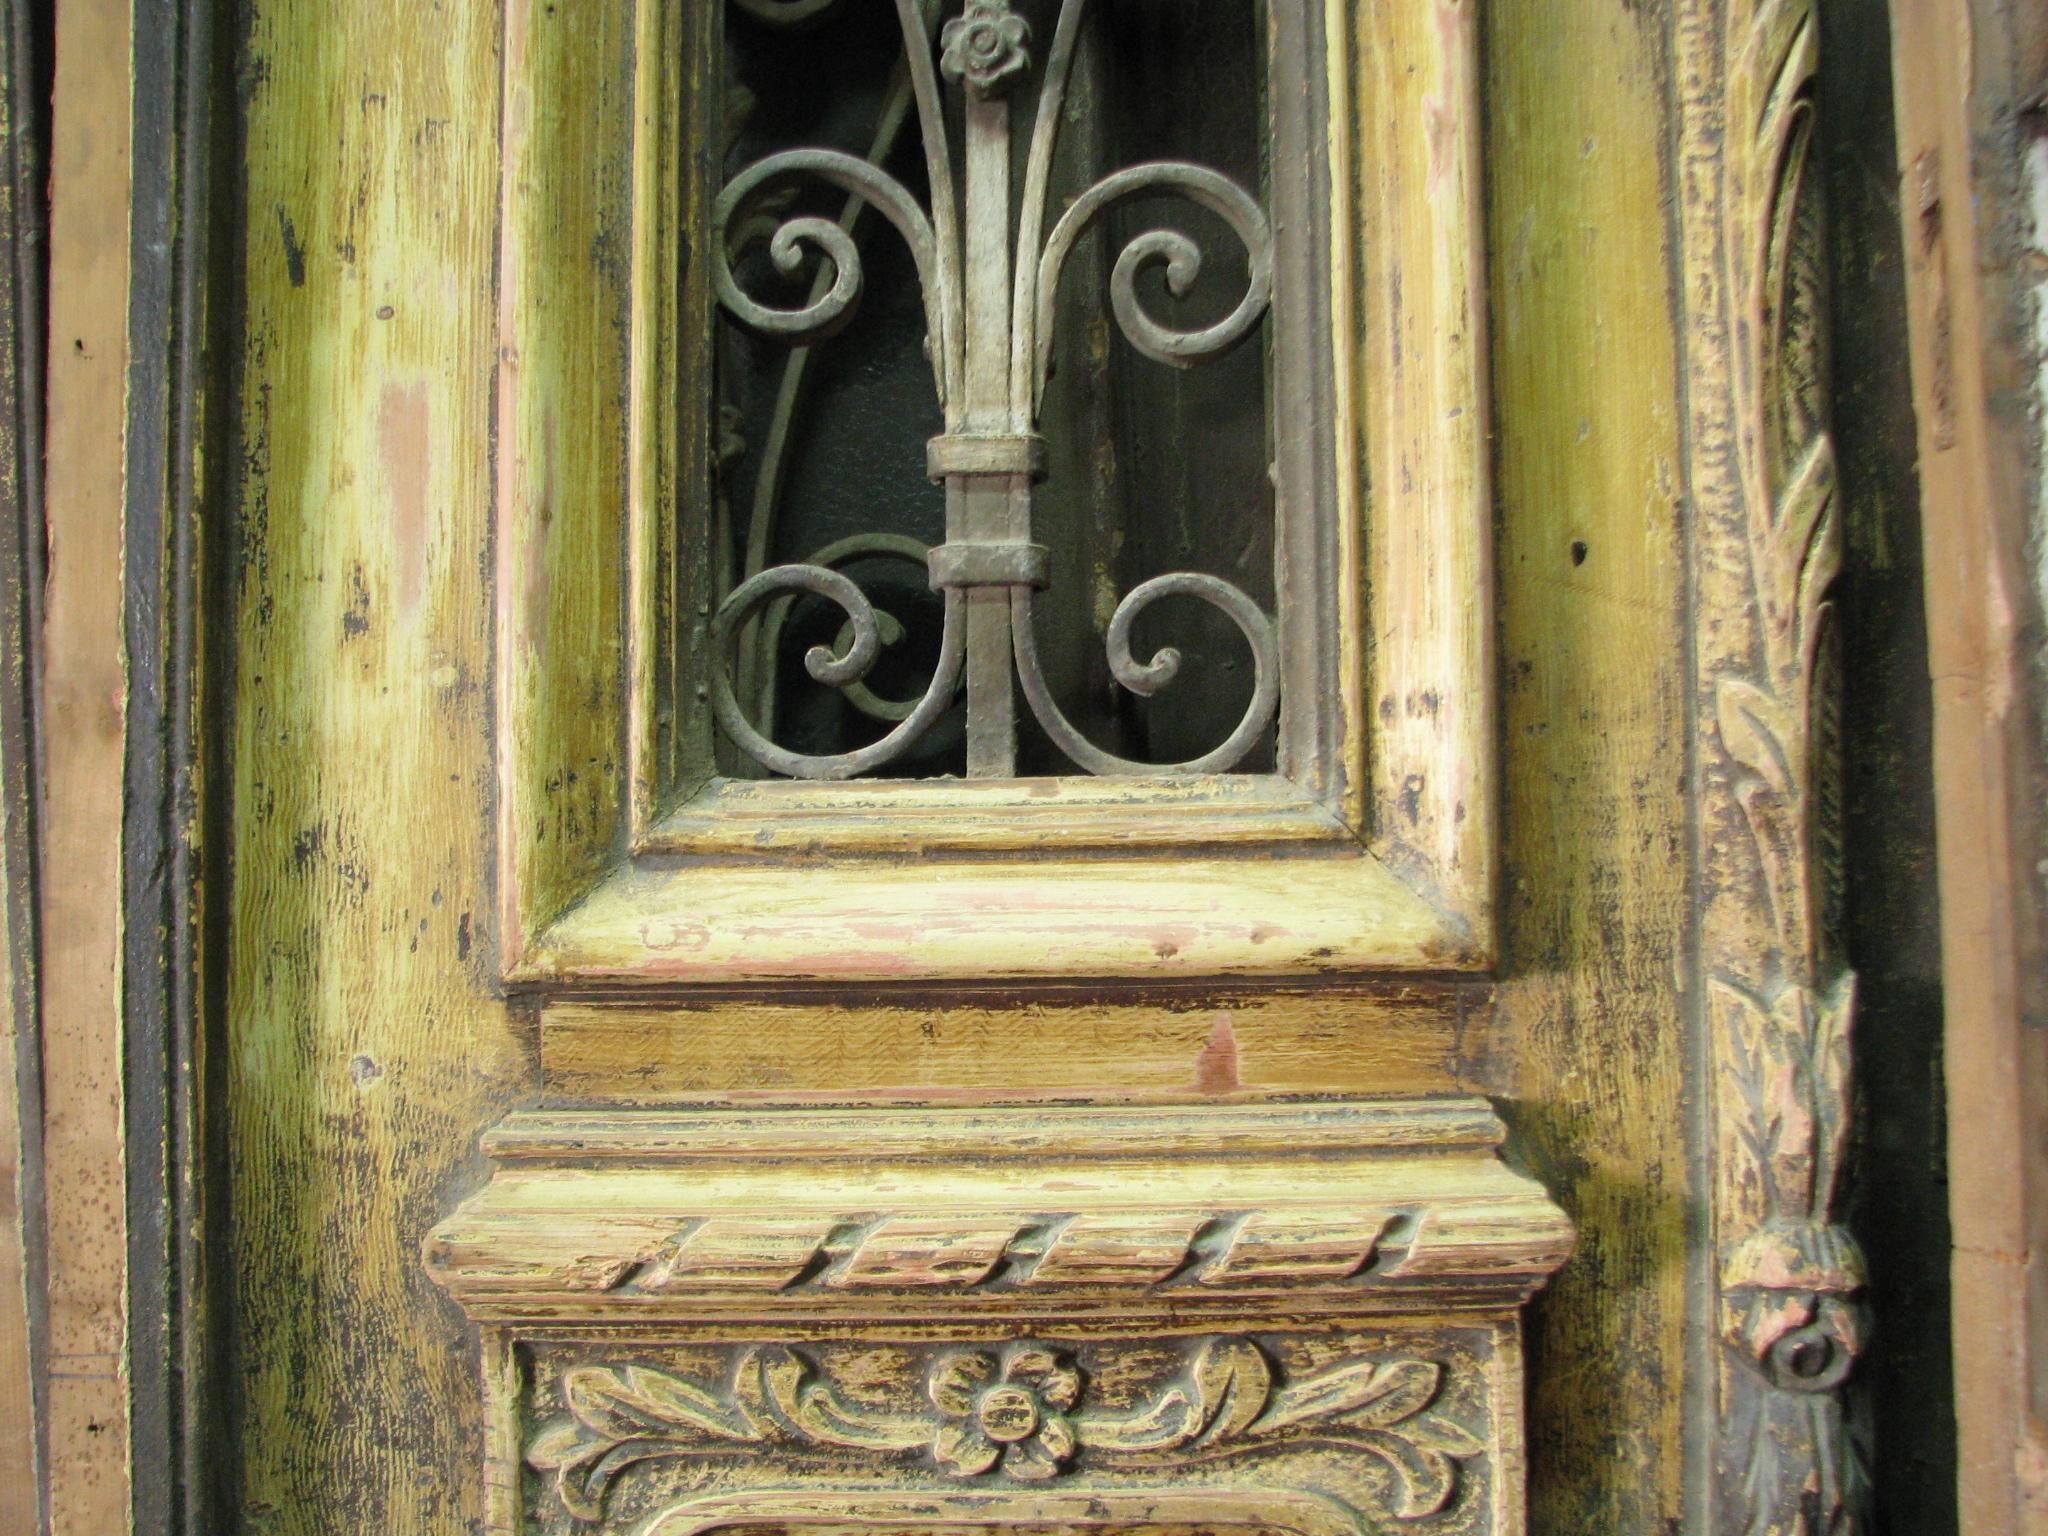 עדכני דלתות עתיקות, דלתות יד שניה YK-11